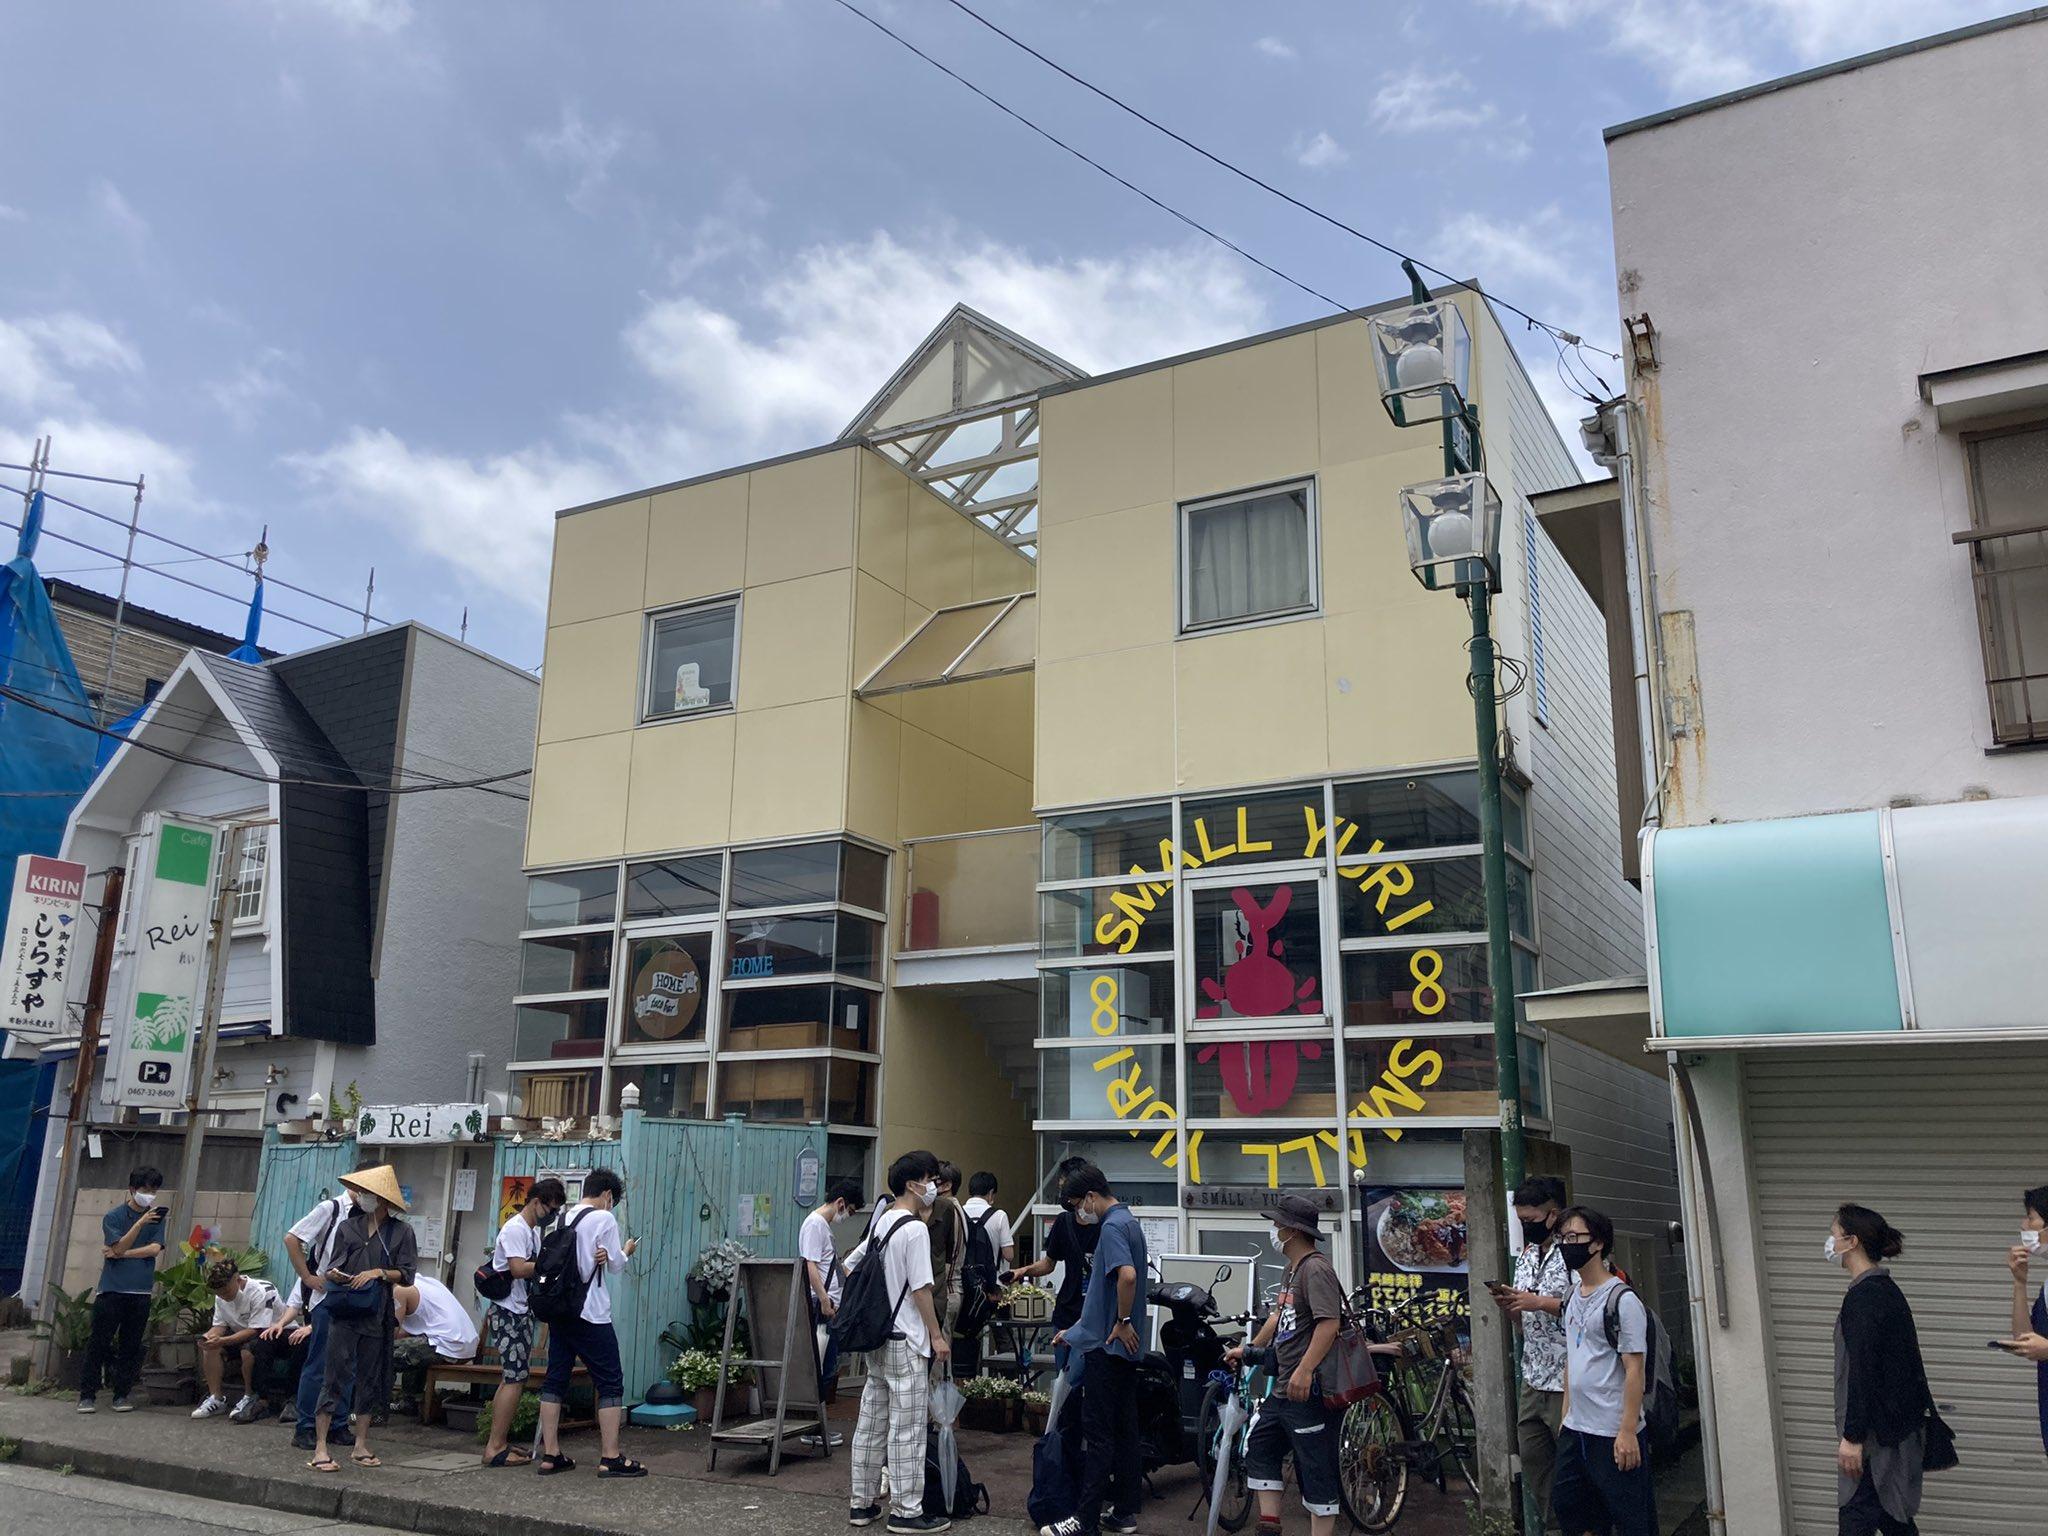 「江ノ電自転車ニキ」は偶然通りかかった地元民だった 鉄道ファンによる誹謗中傷や押しかけ多発